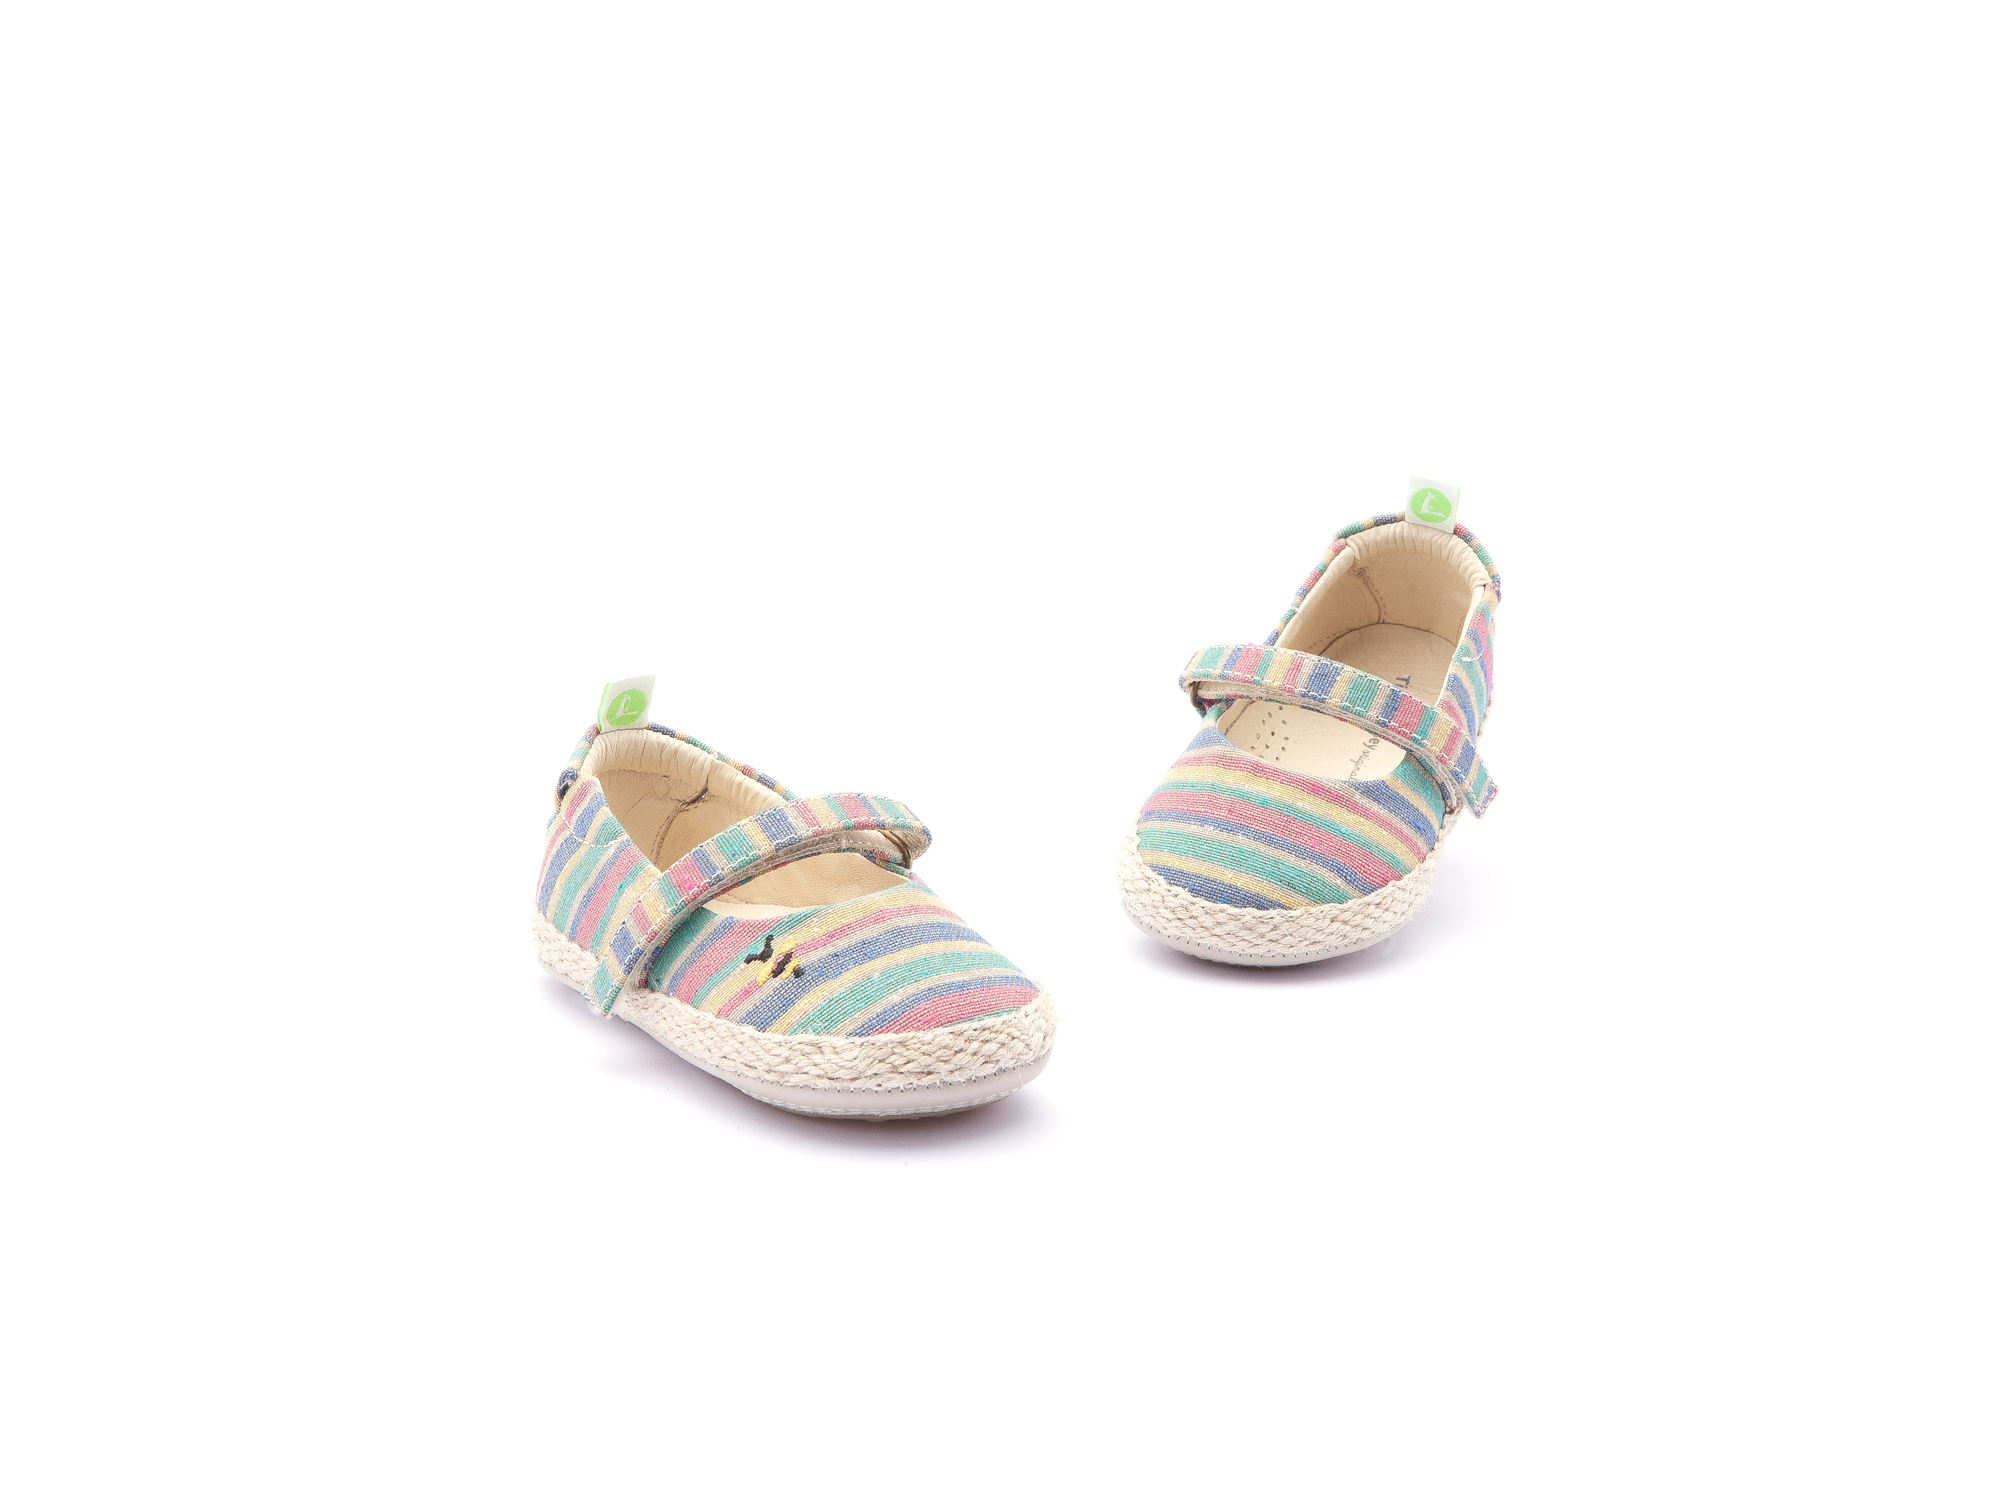 Boneca Sambaky Rainbow Canvas Beeswax Baby 0 à 2 anos - 2